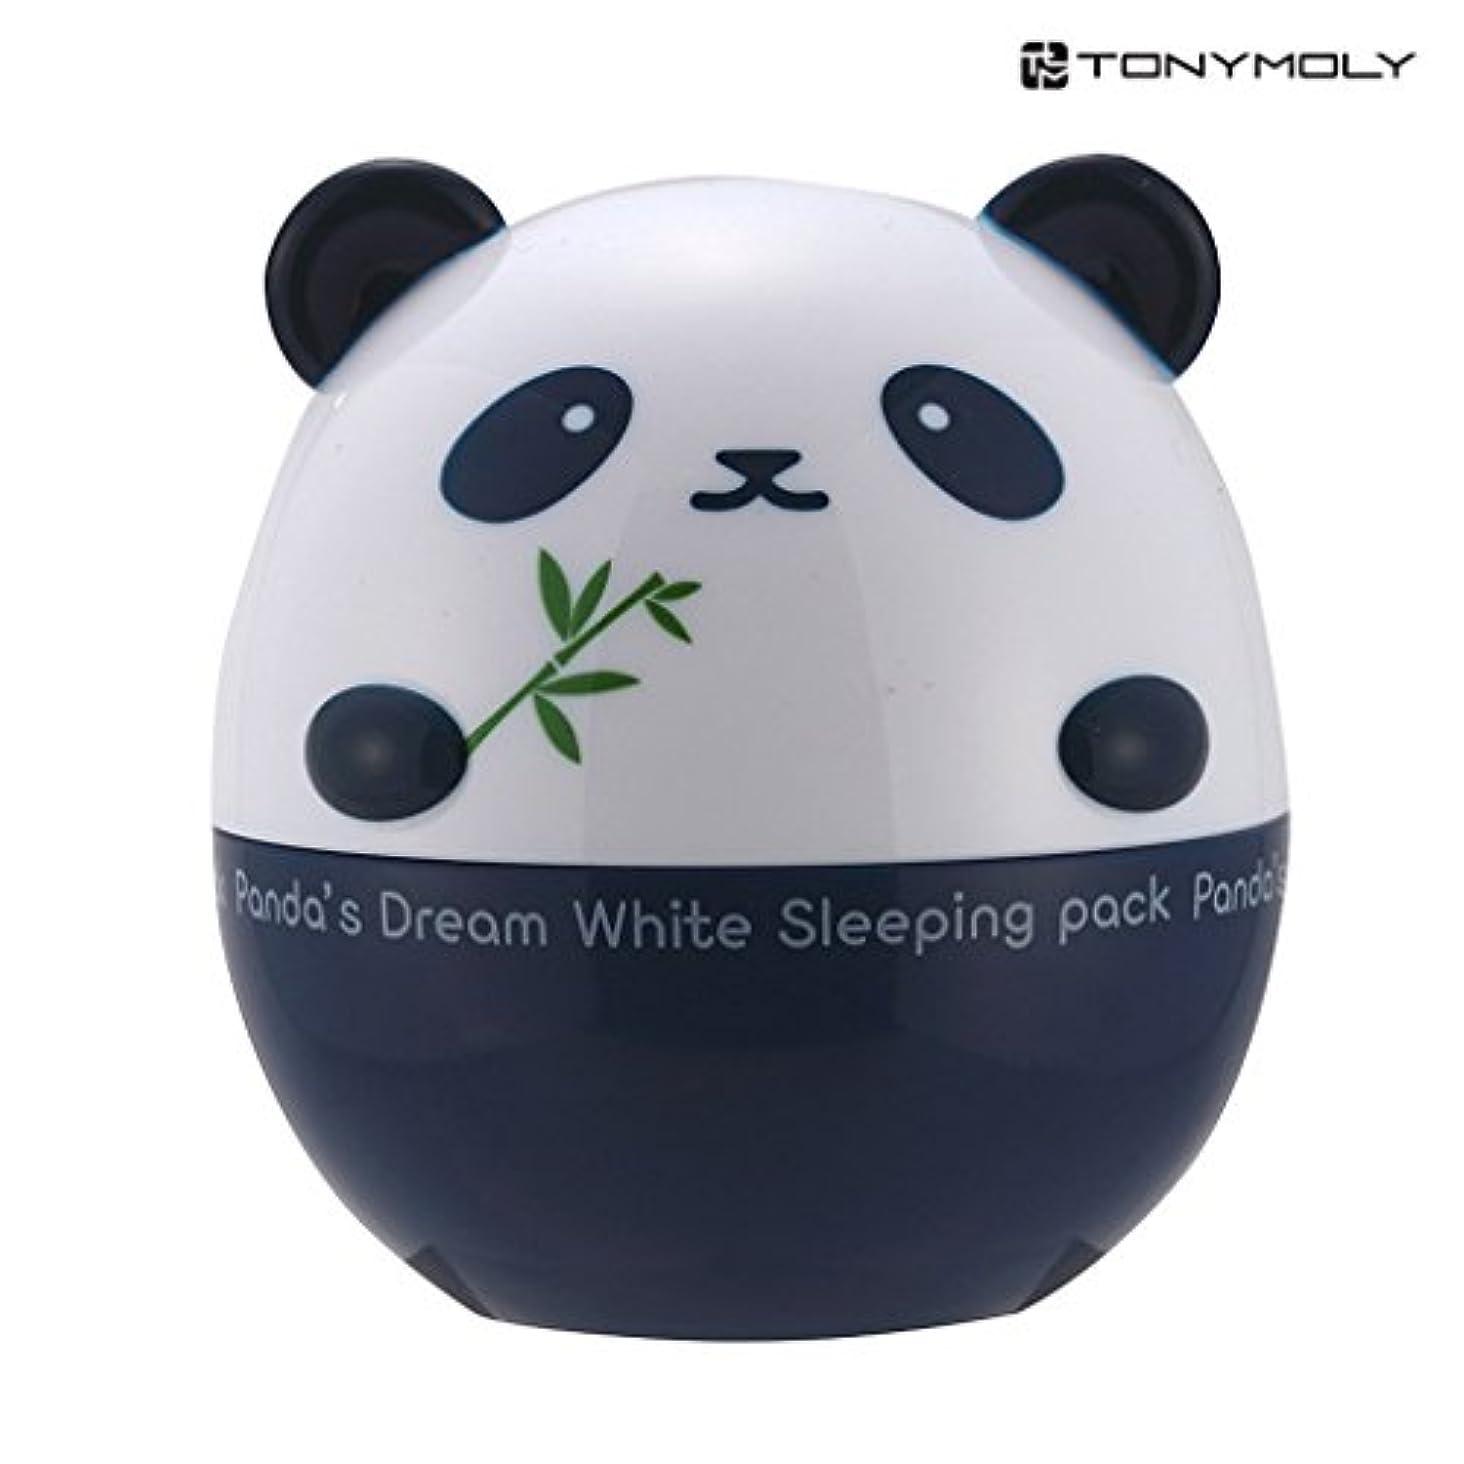 王族免除する僕のTonyMoly トニーモリー パンダズ?ドリーム?ホワイト?スリーピング?パック 50g (Panda`s Dream White Sleeping Pack) 海外直送品